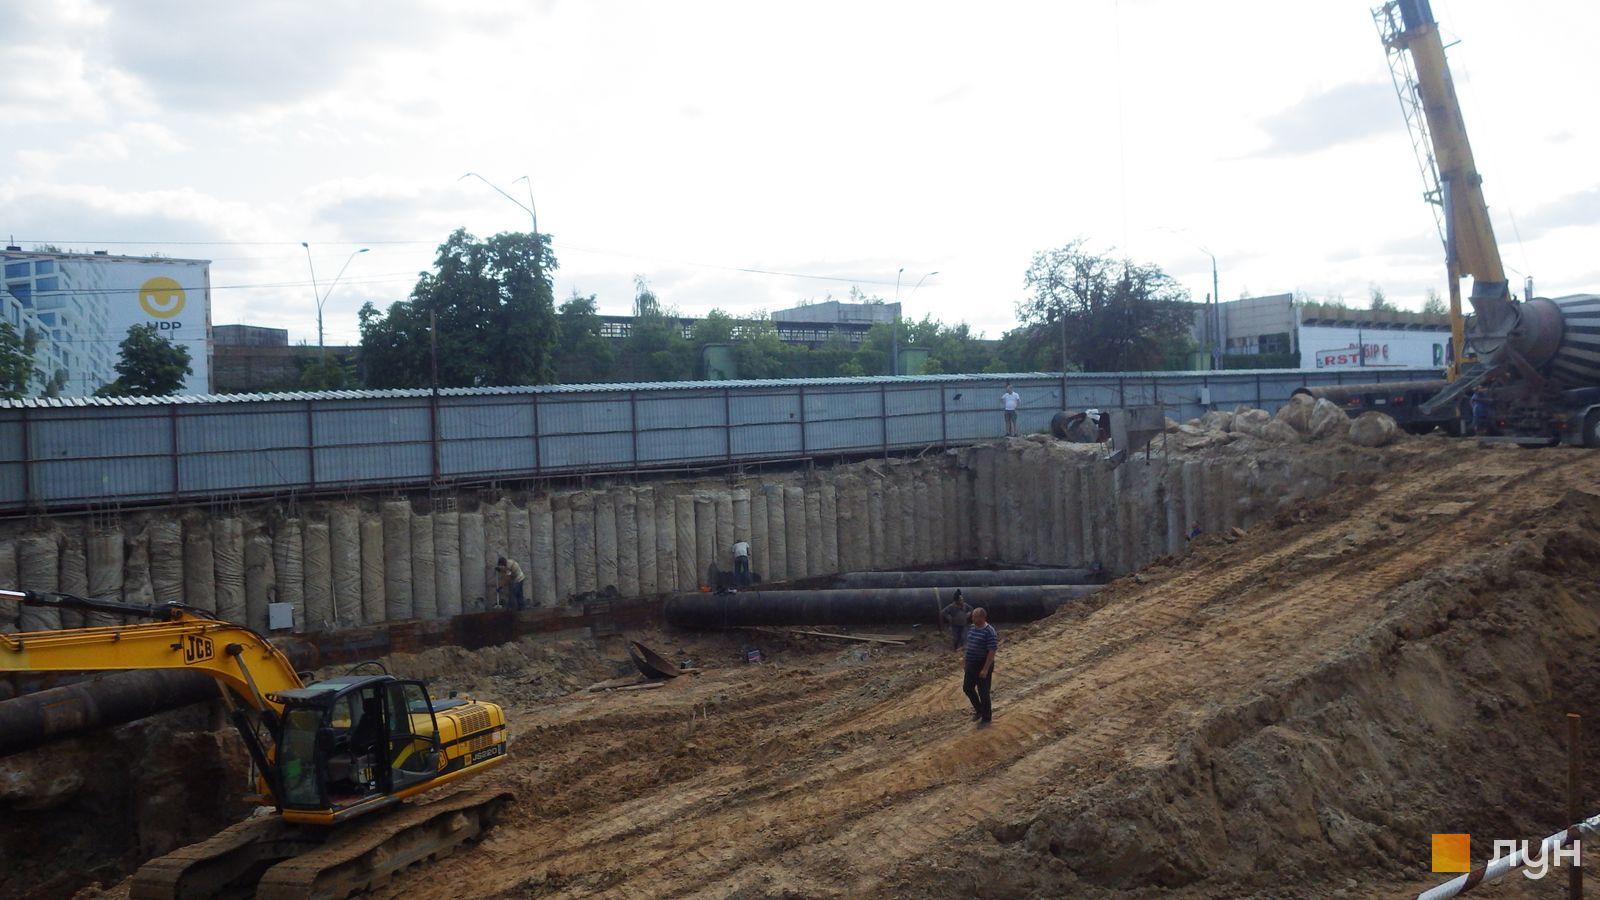 Ход строительства МФК 50Avenue, , июль 2021